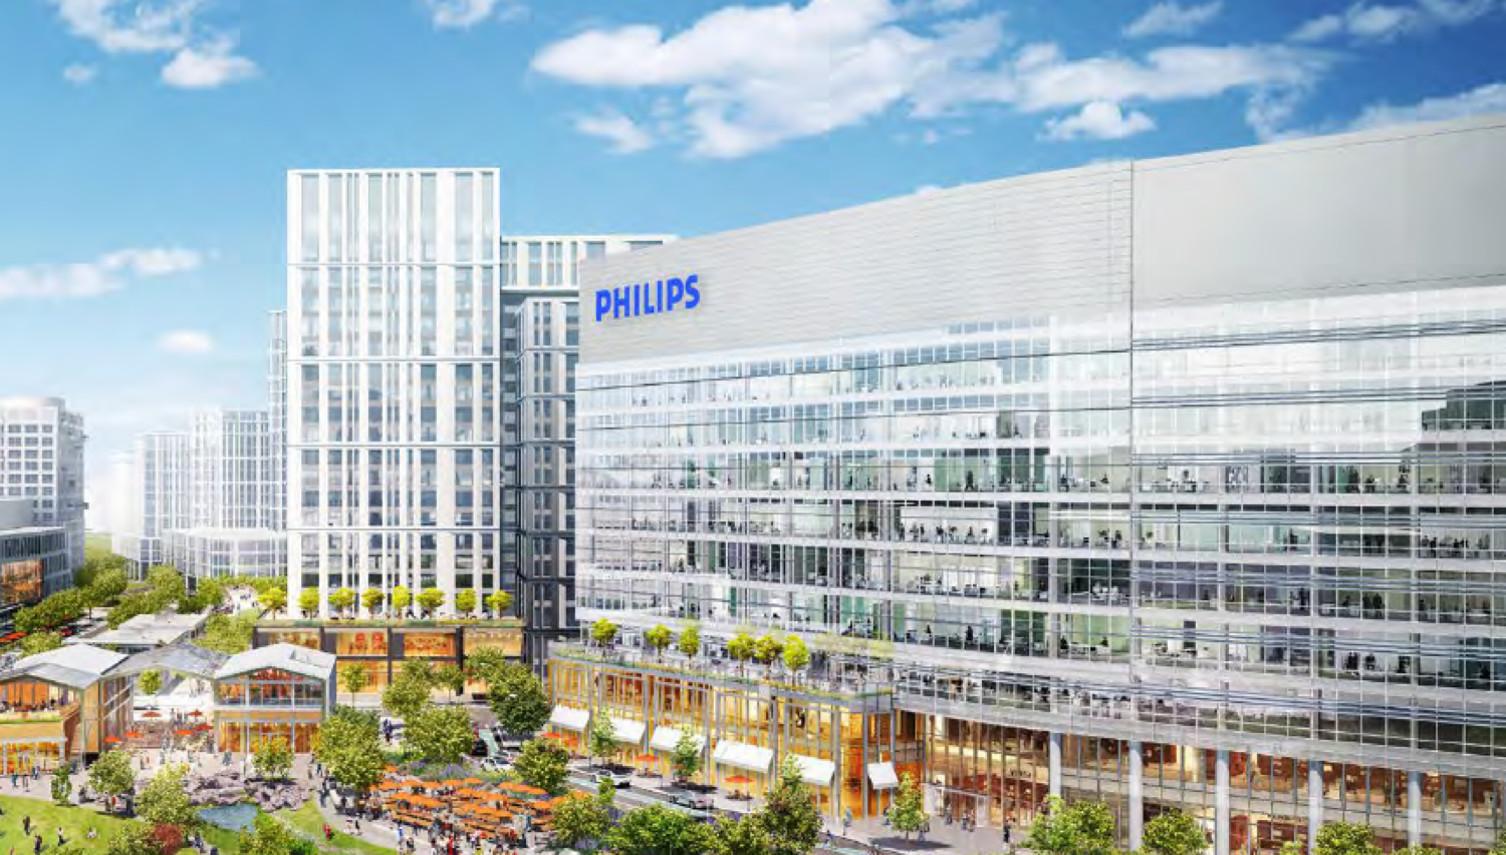 Het ontwerp van het nieuwe hoofdkantoor voor Philips Noord-Amerika in Cambridge.